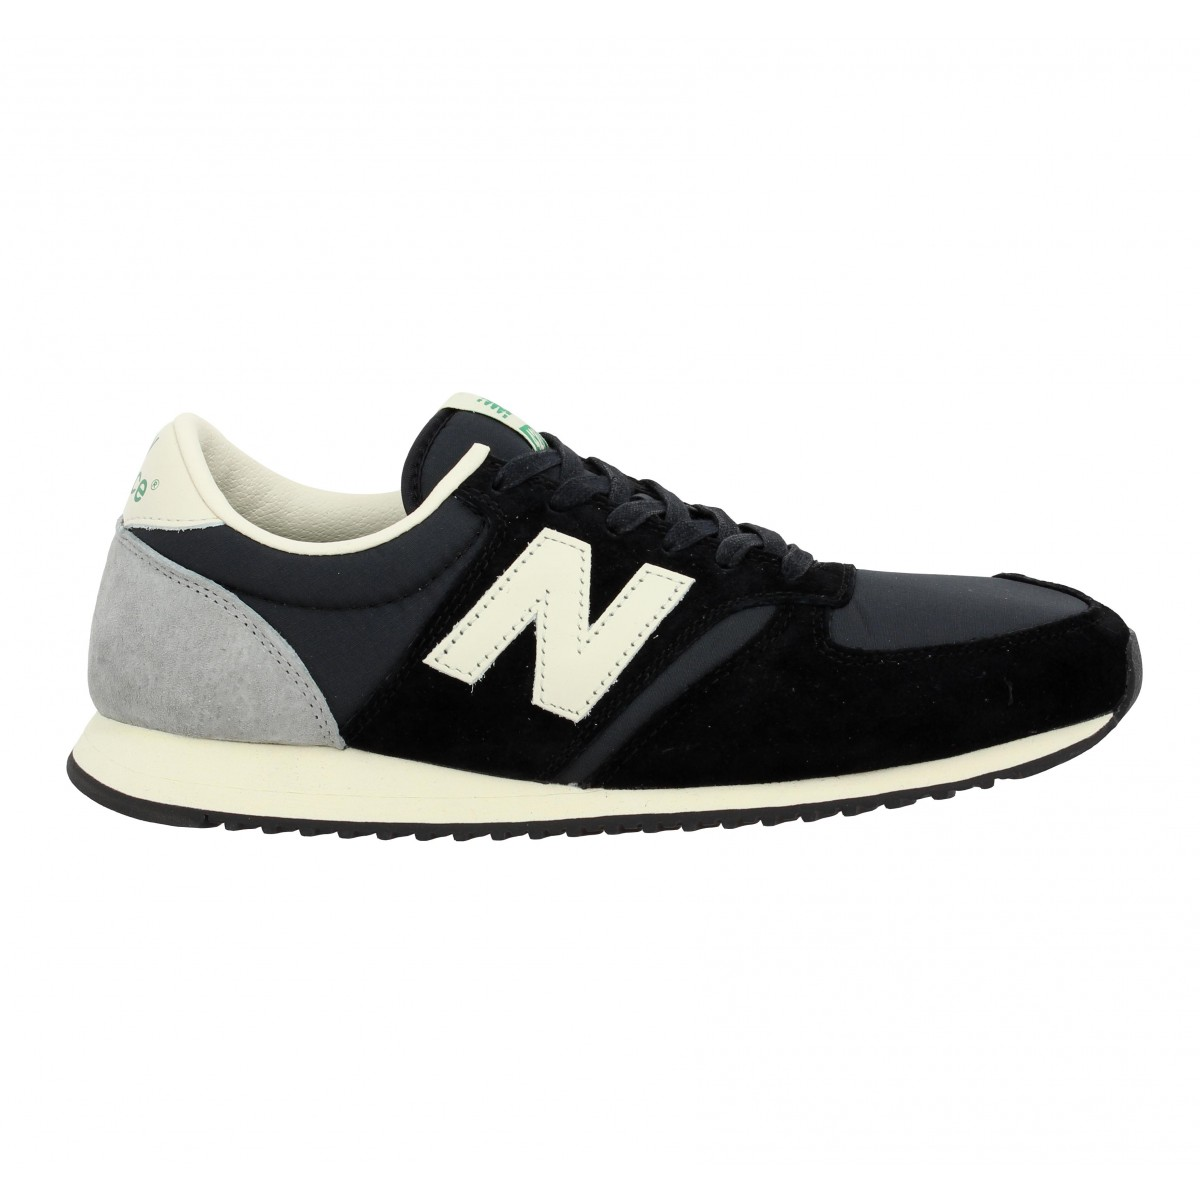 New Balance 420 Femme Noir Et Gris